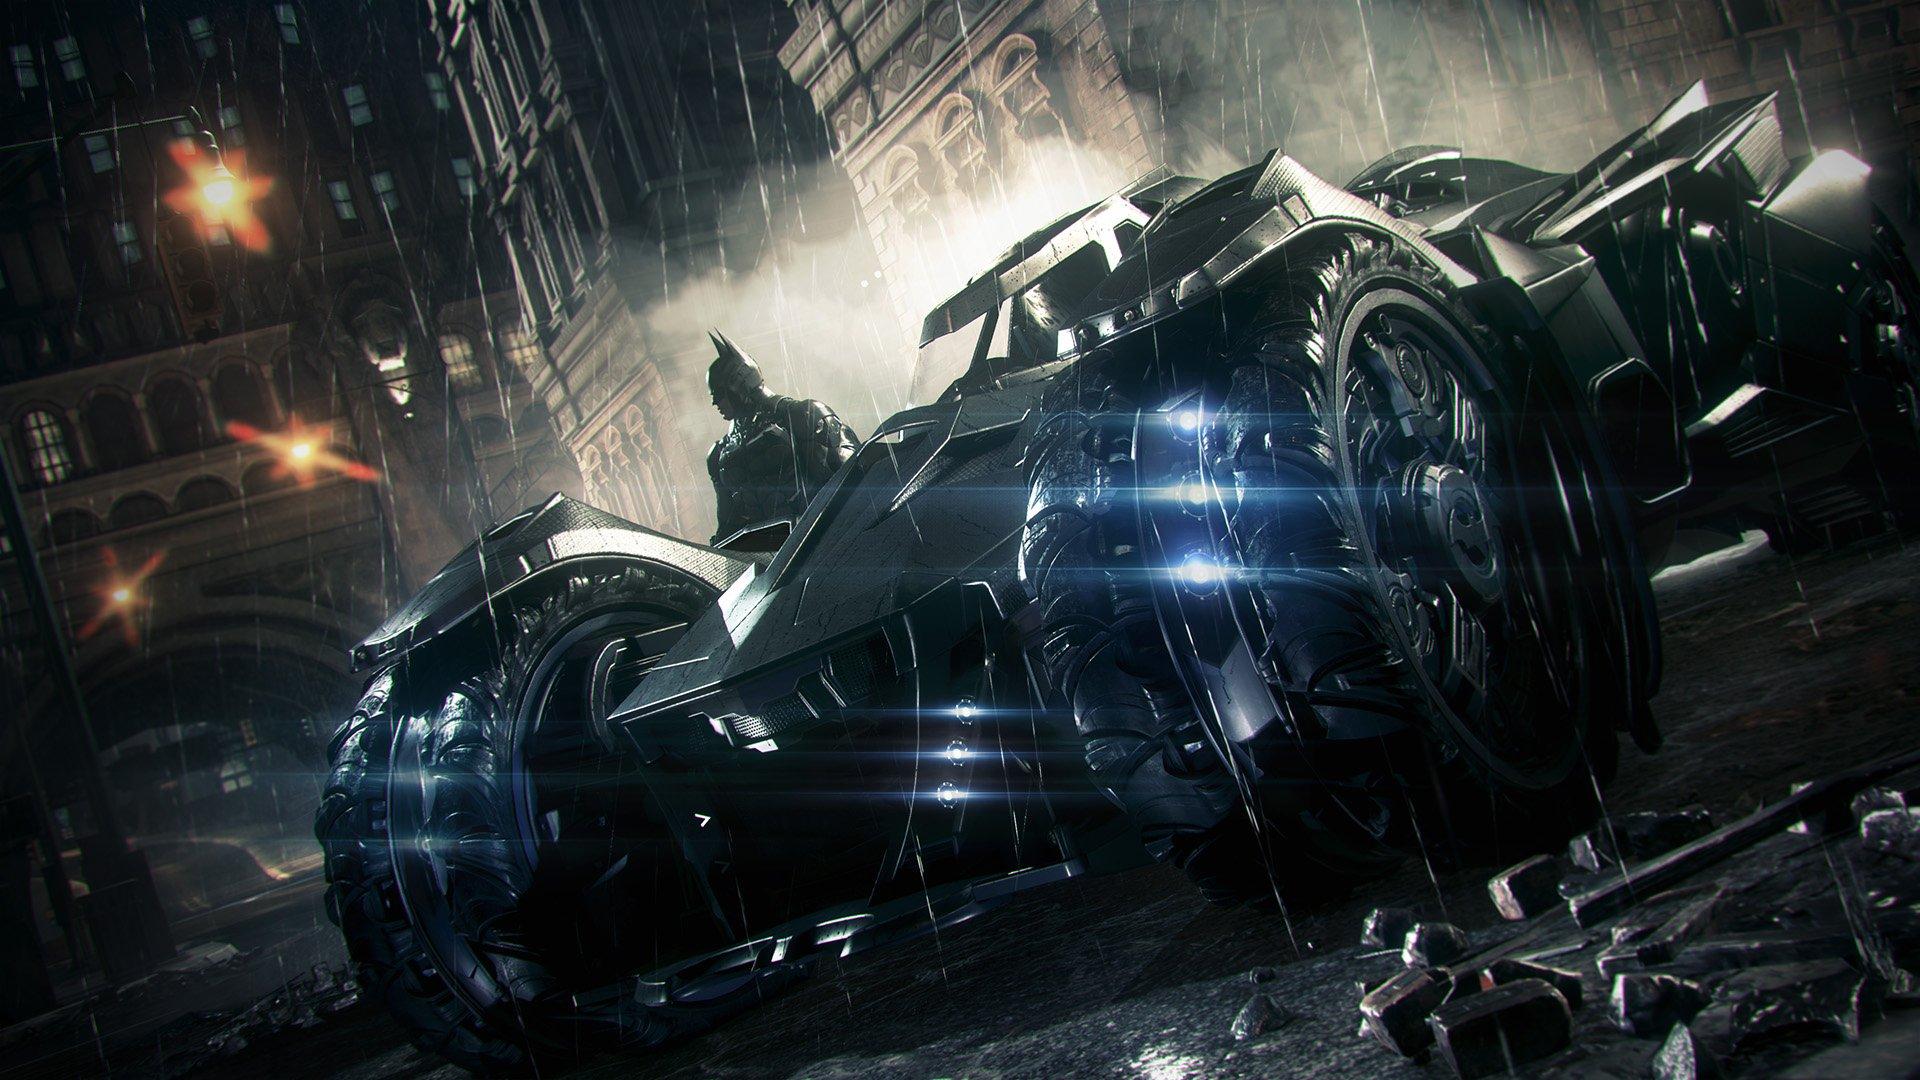 Подтверждено ESRB. Batman: Arkham Knight — самая жестокая игра серии